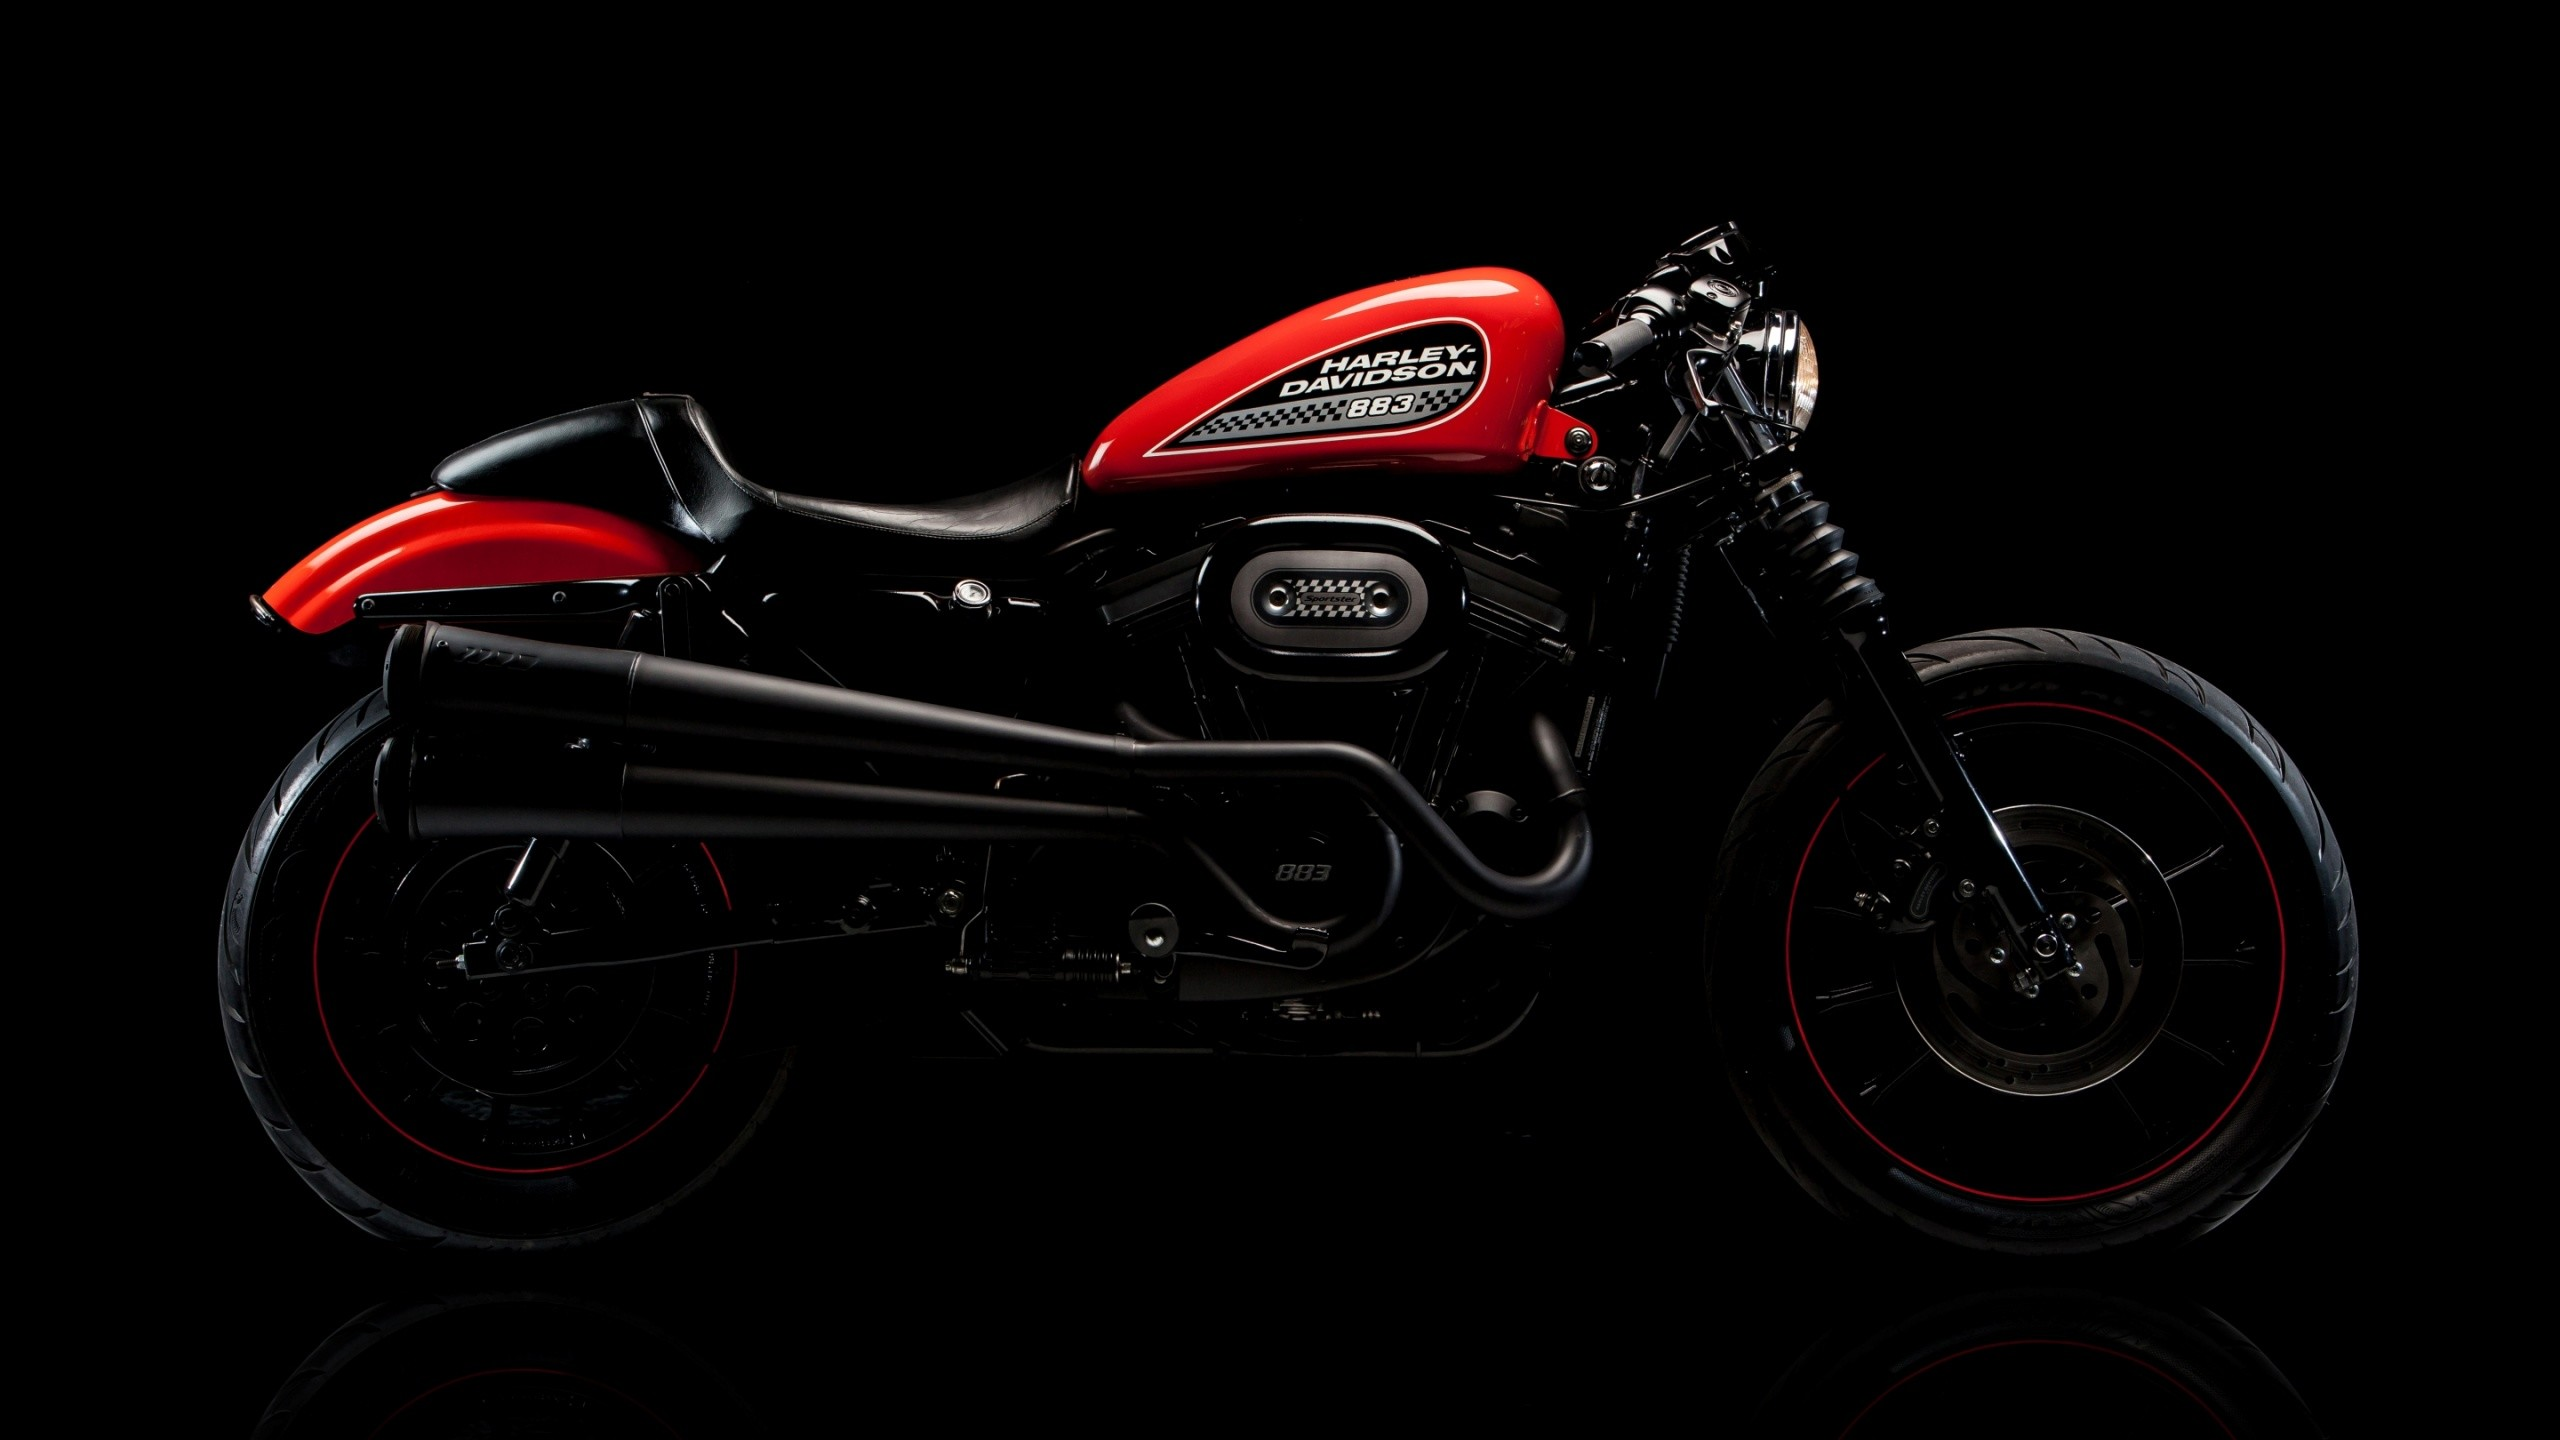 Harley Davidson 883R Sportster Cafe Racer